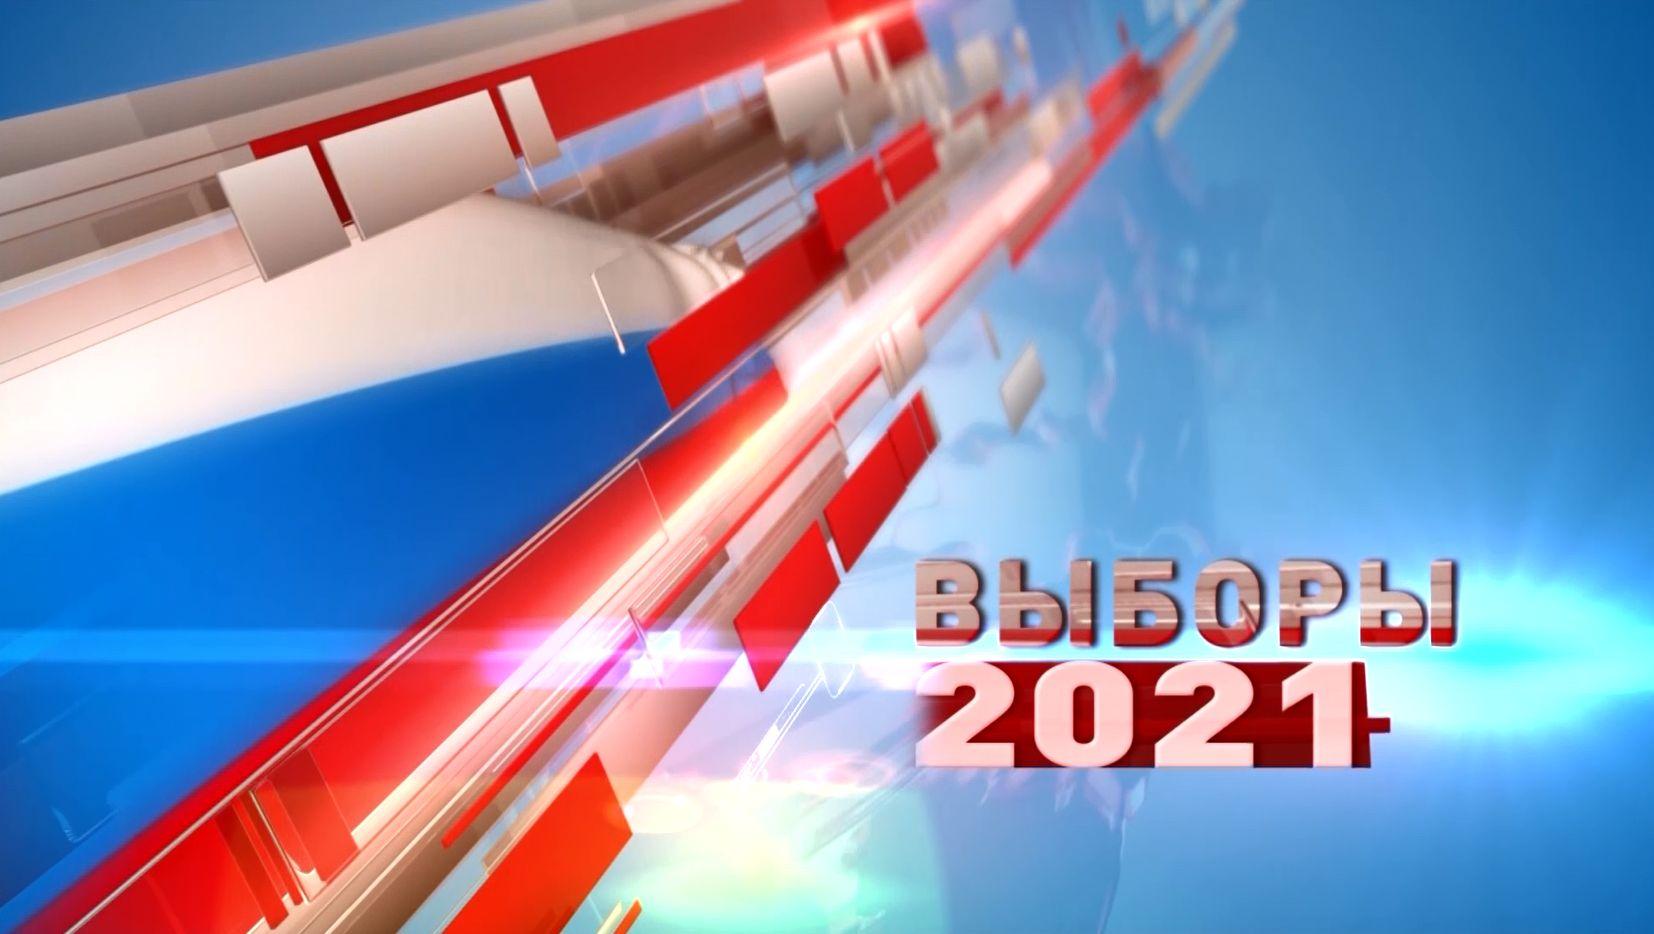 Центральная избирательная комиссия РФ приняла новый порядок аккредитации СМИ на избирательных участках для освещения предстоящих выборов в сентябре.